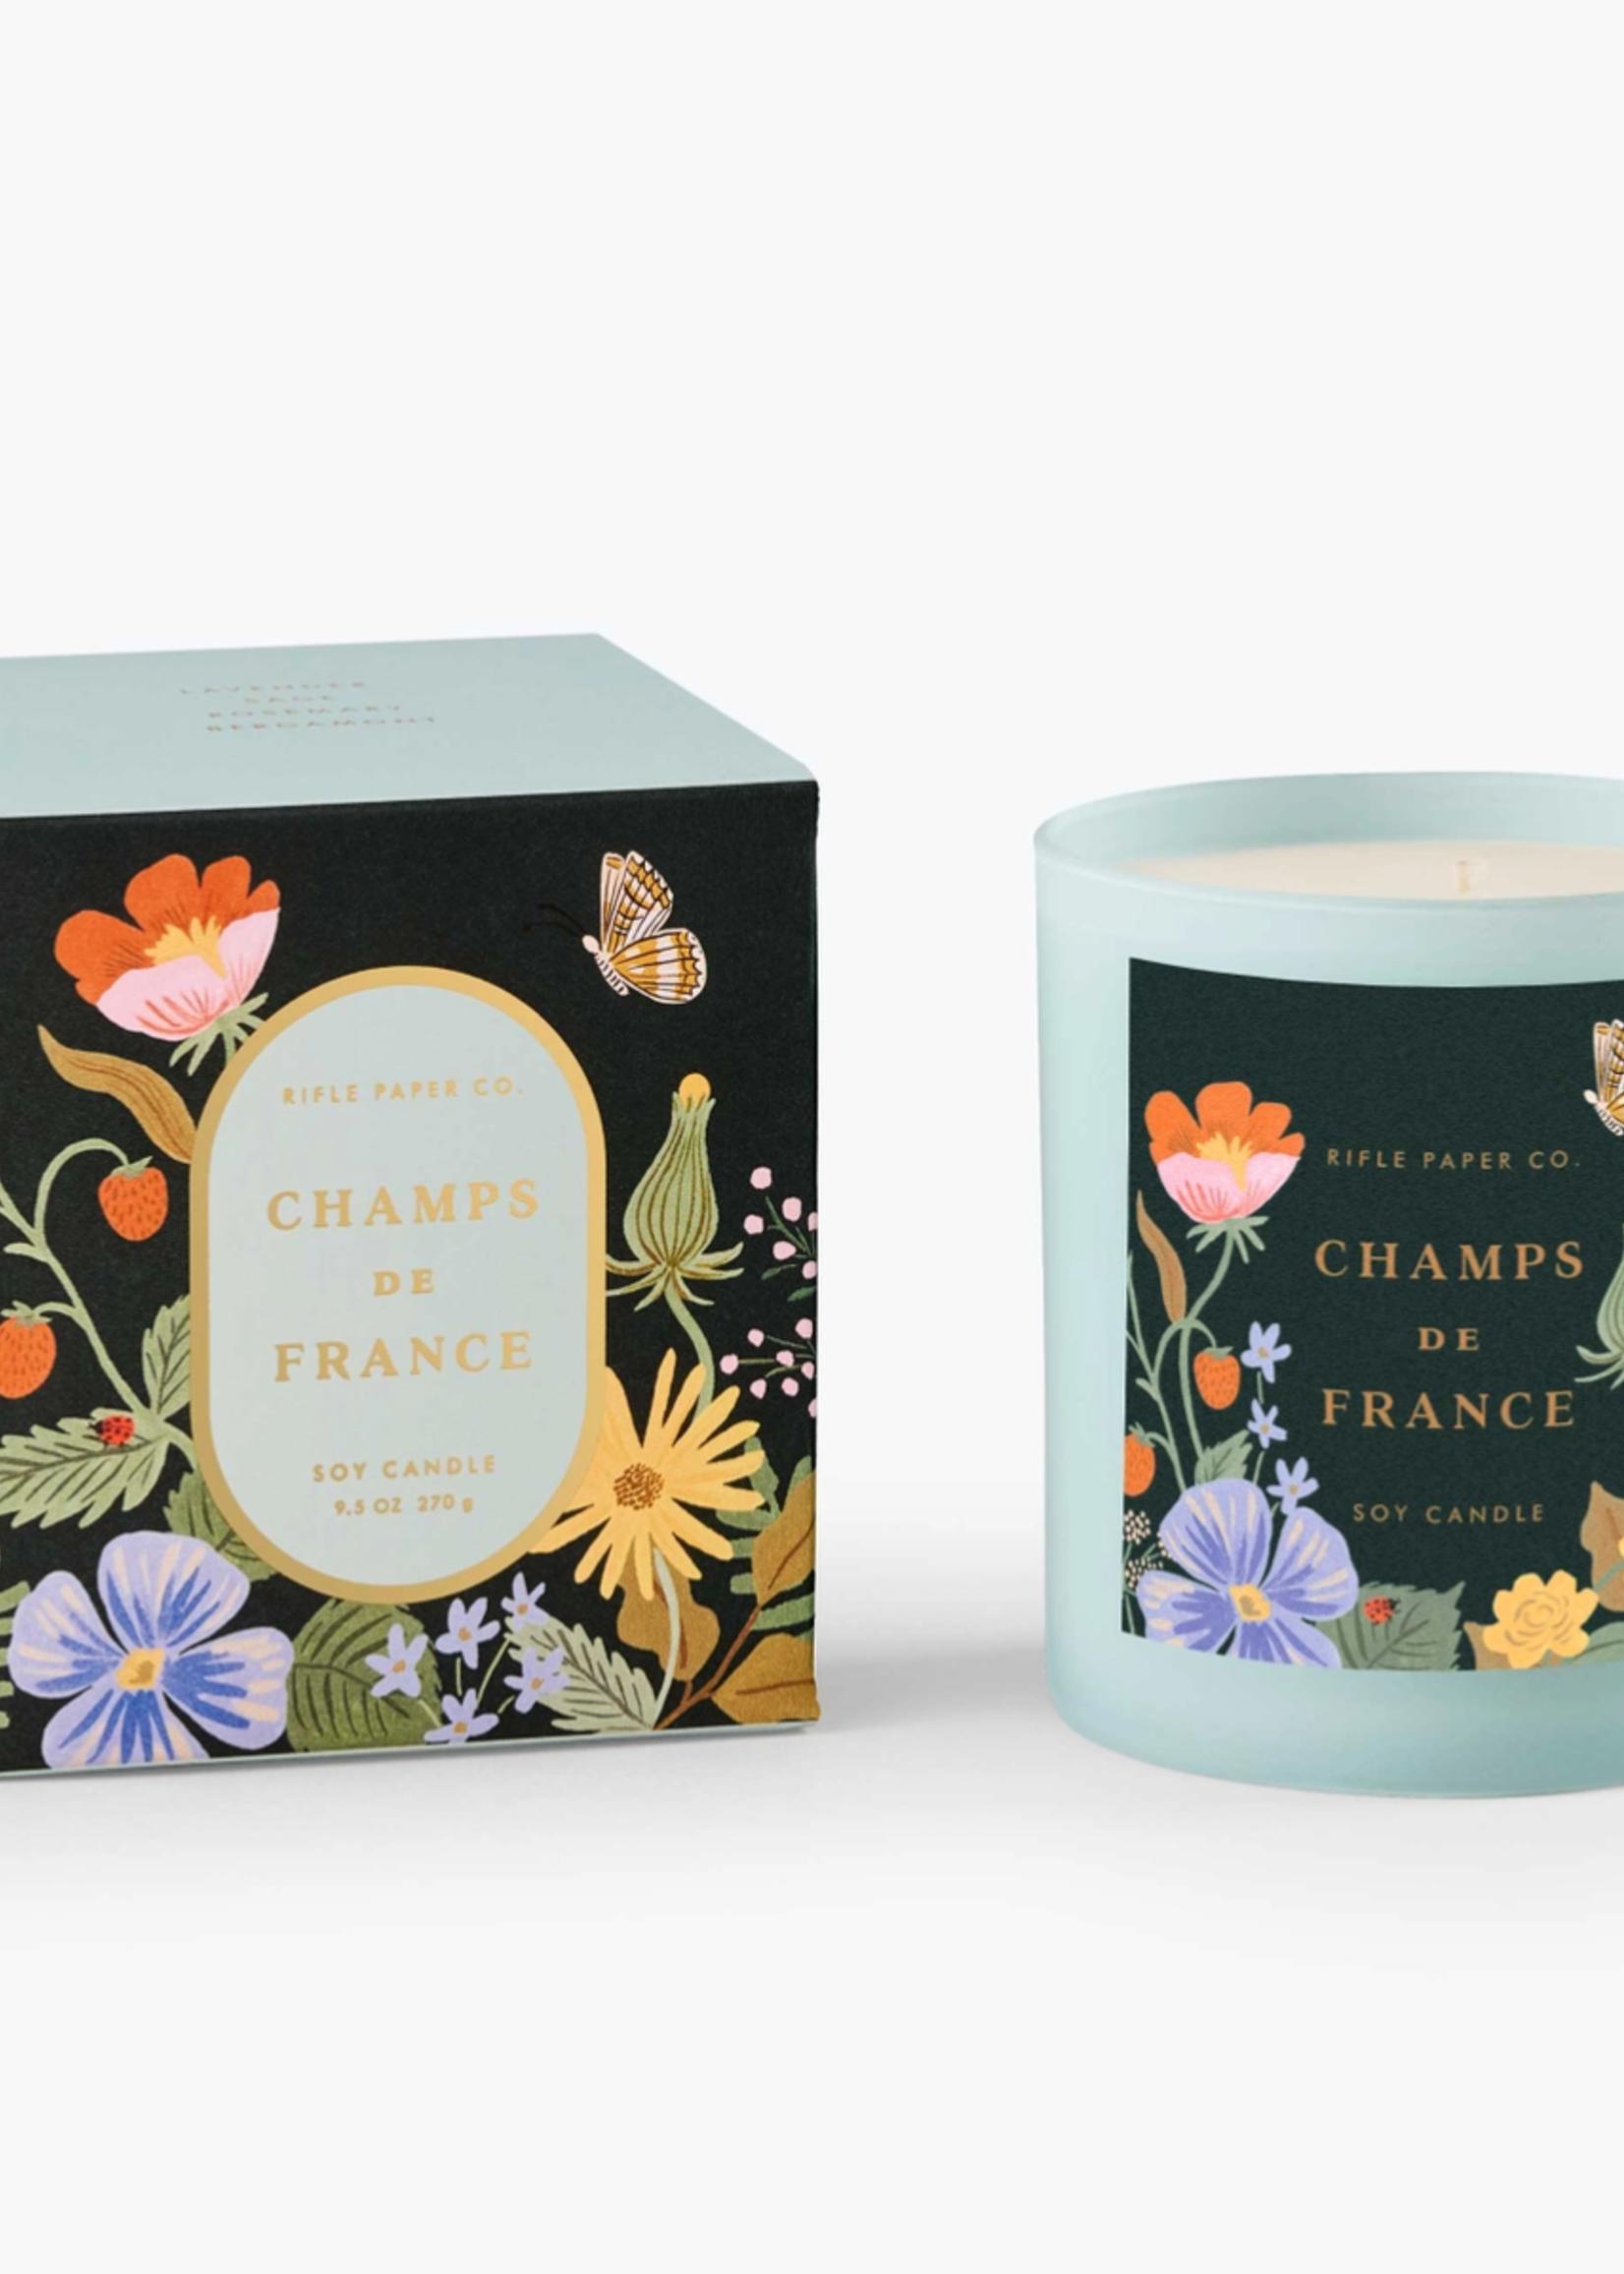 Champs de France Candle